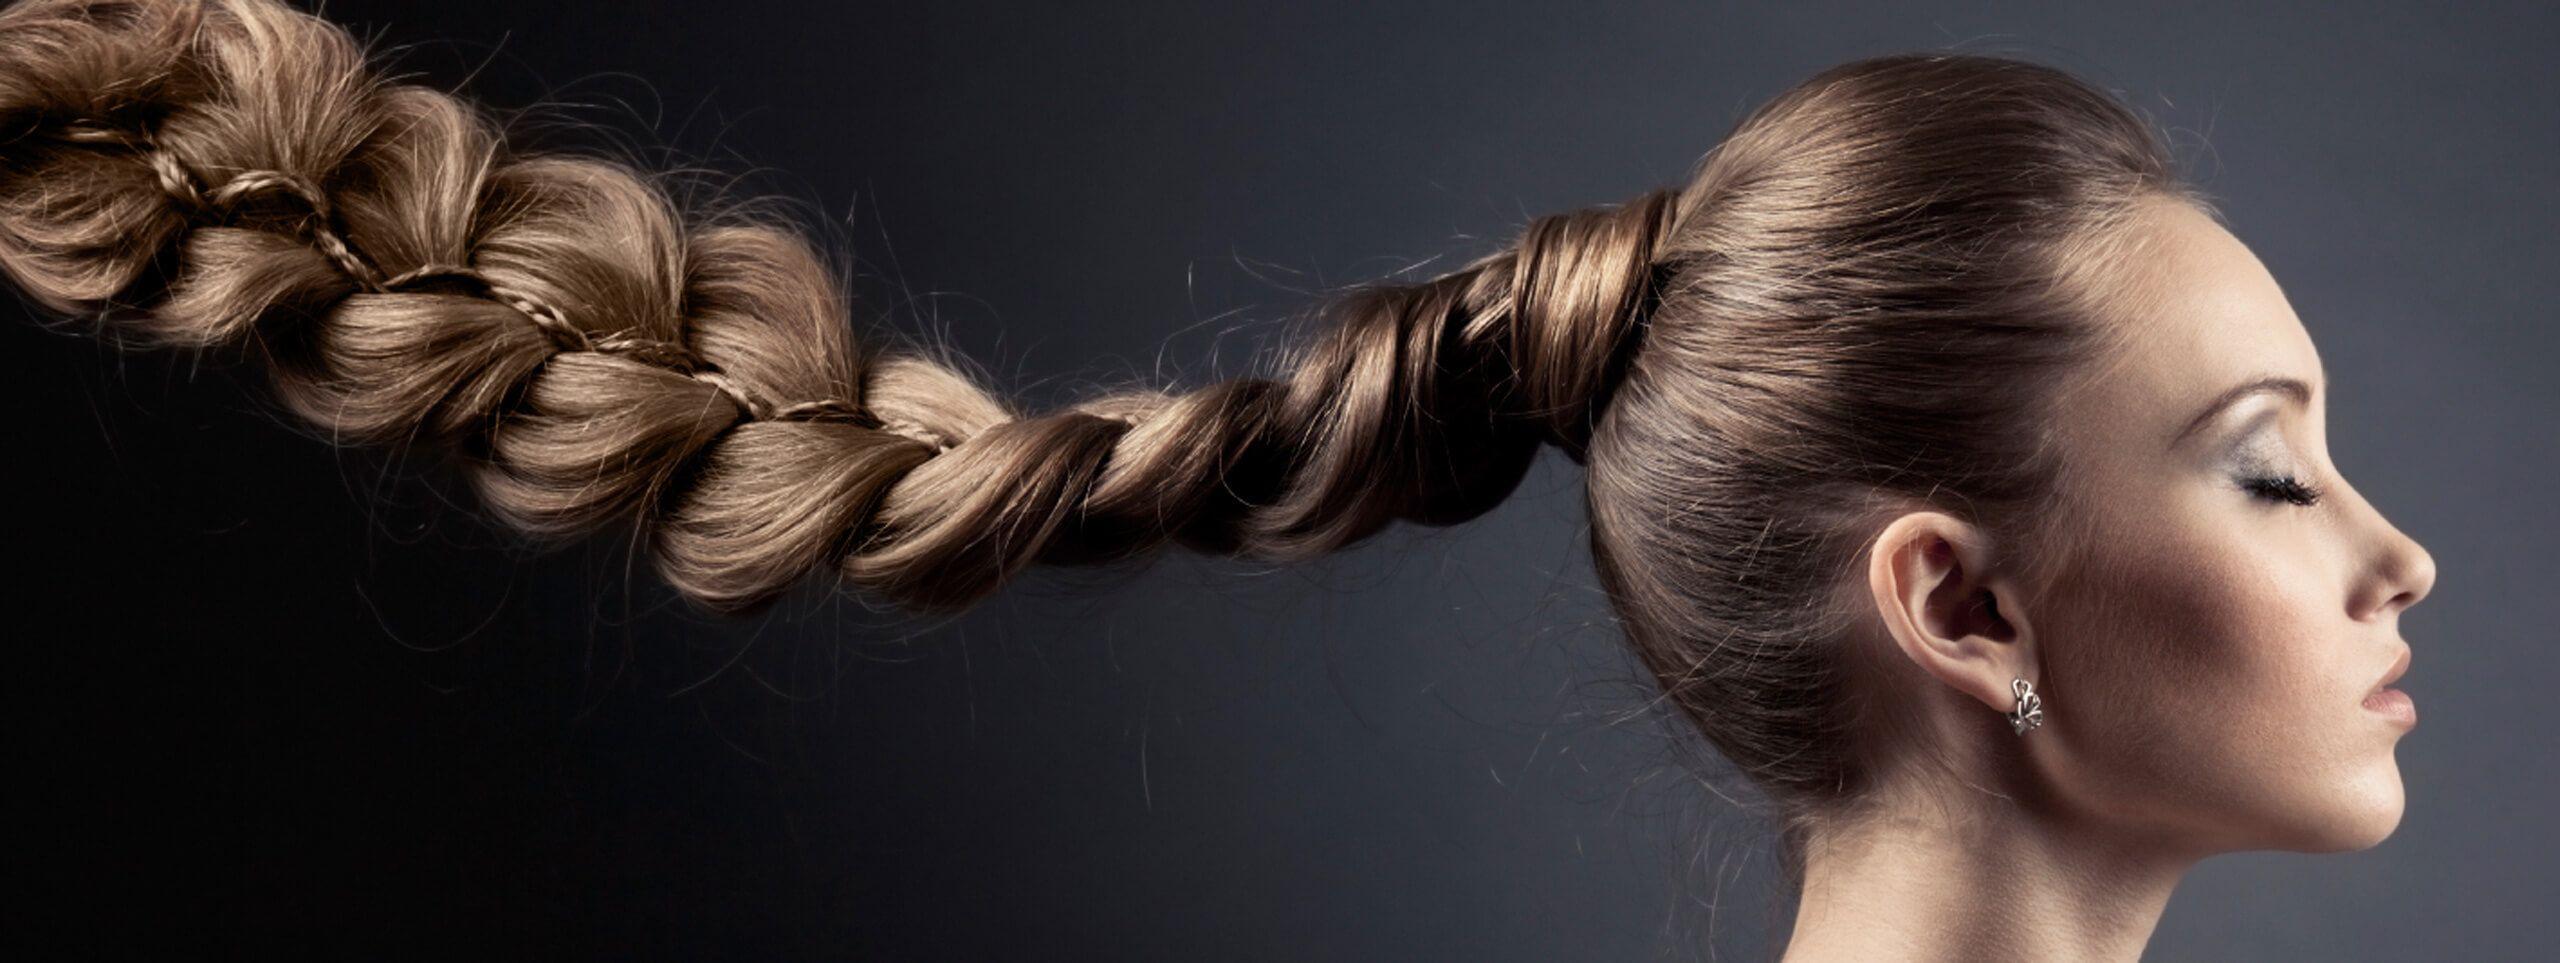 Kobieta z długim warkoczem z brązowych włosów